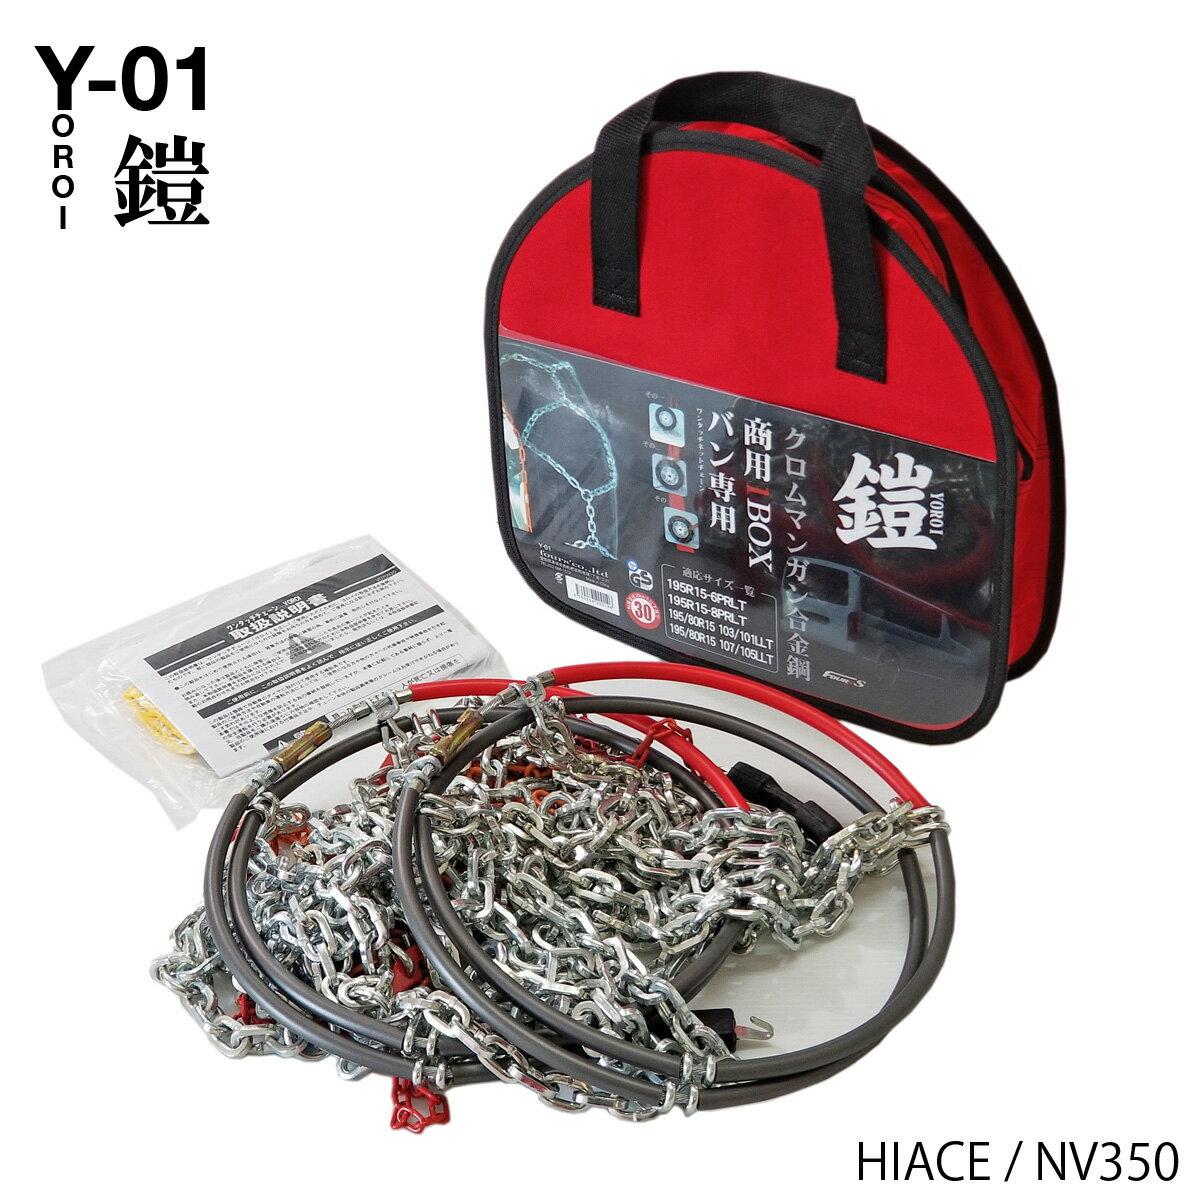 商用VAN/1BOX専用タイヤチェーン 鎧-YOROI- Y-01 トヨタ(TOYOTA)ハイエース/日産(ニッサン)キャラバン・ホーミーなど,ジャッキアップ不要のワンタッチチェーン four's 15インチ/LTタイヤOK 送料無料